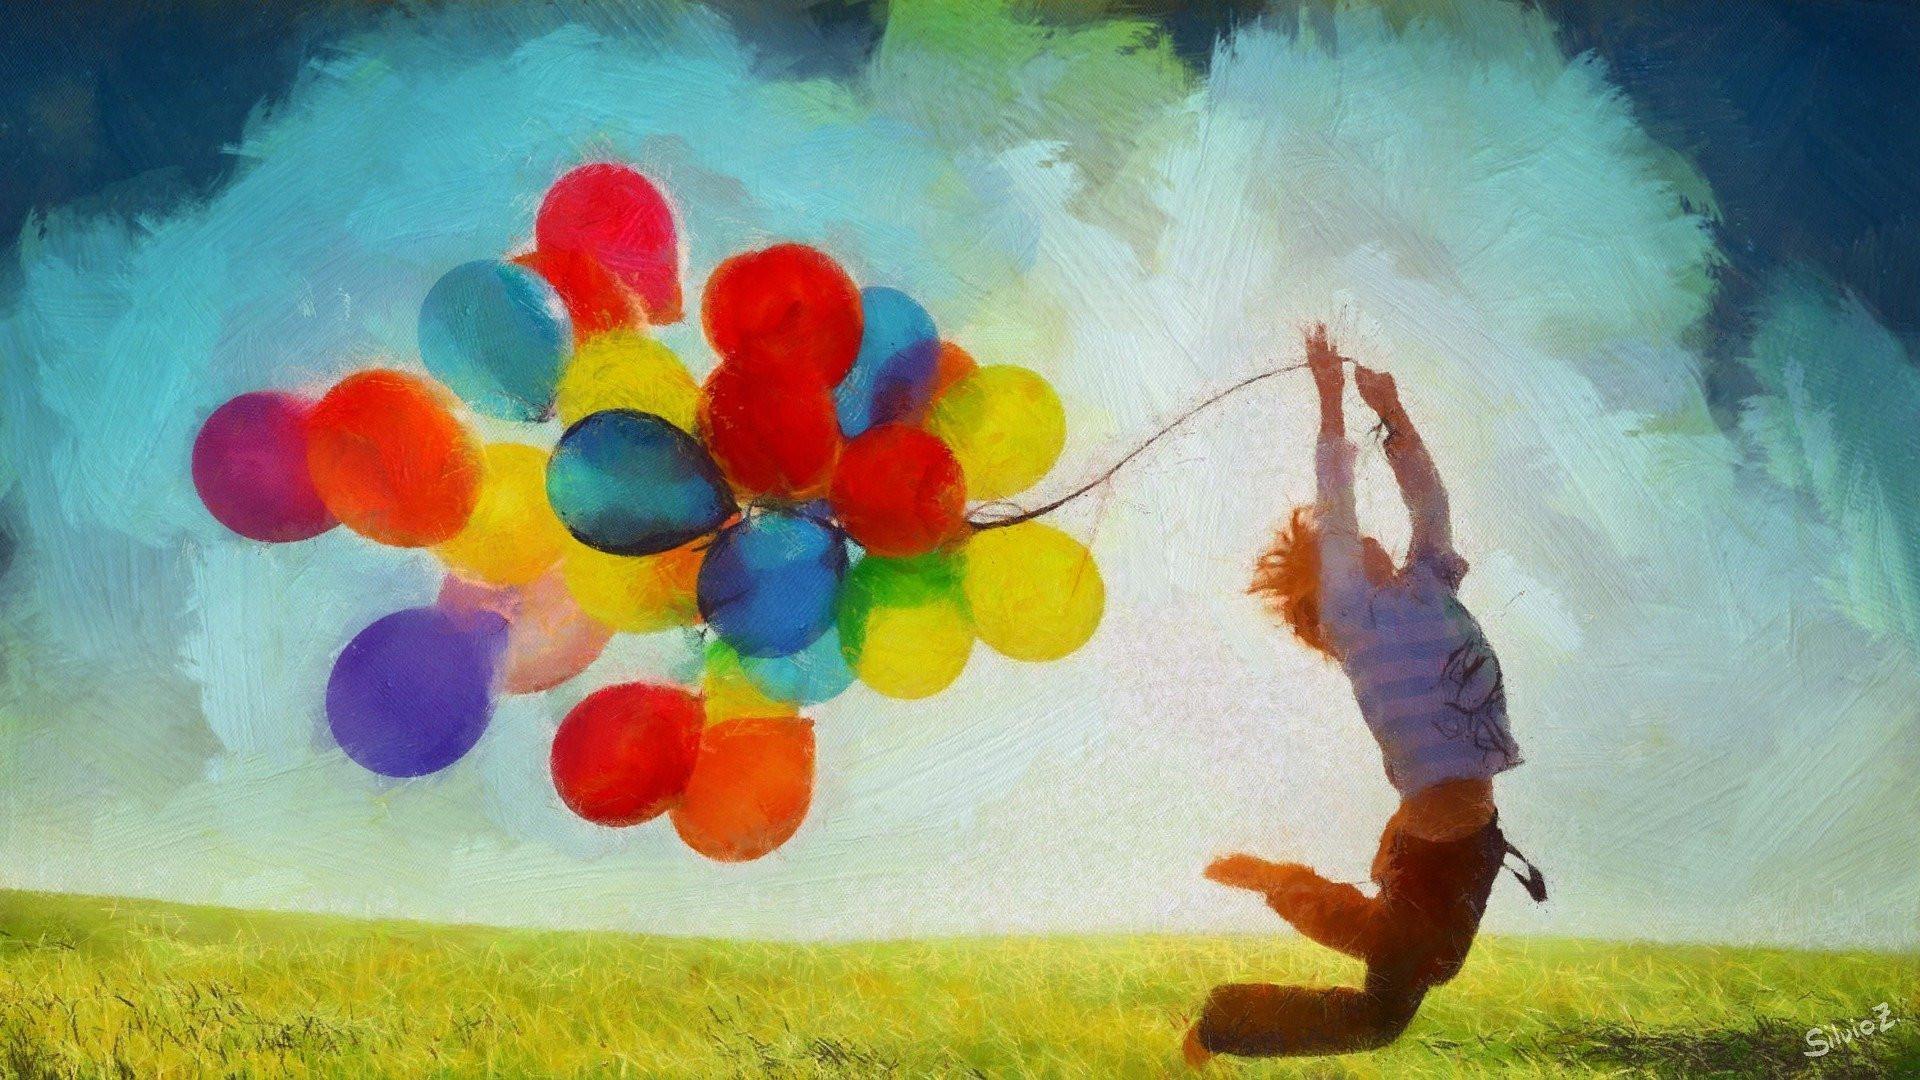 balloons-1615032_1920